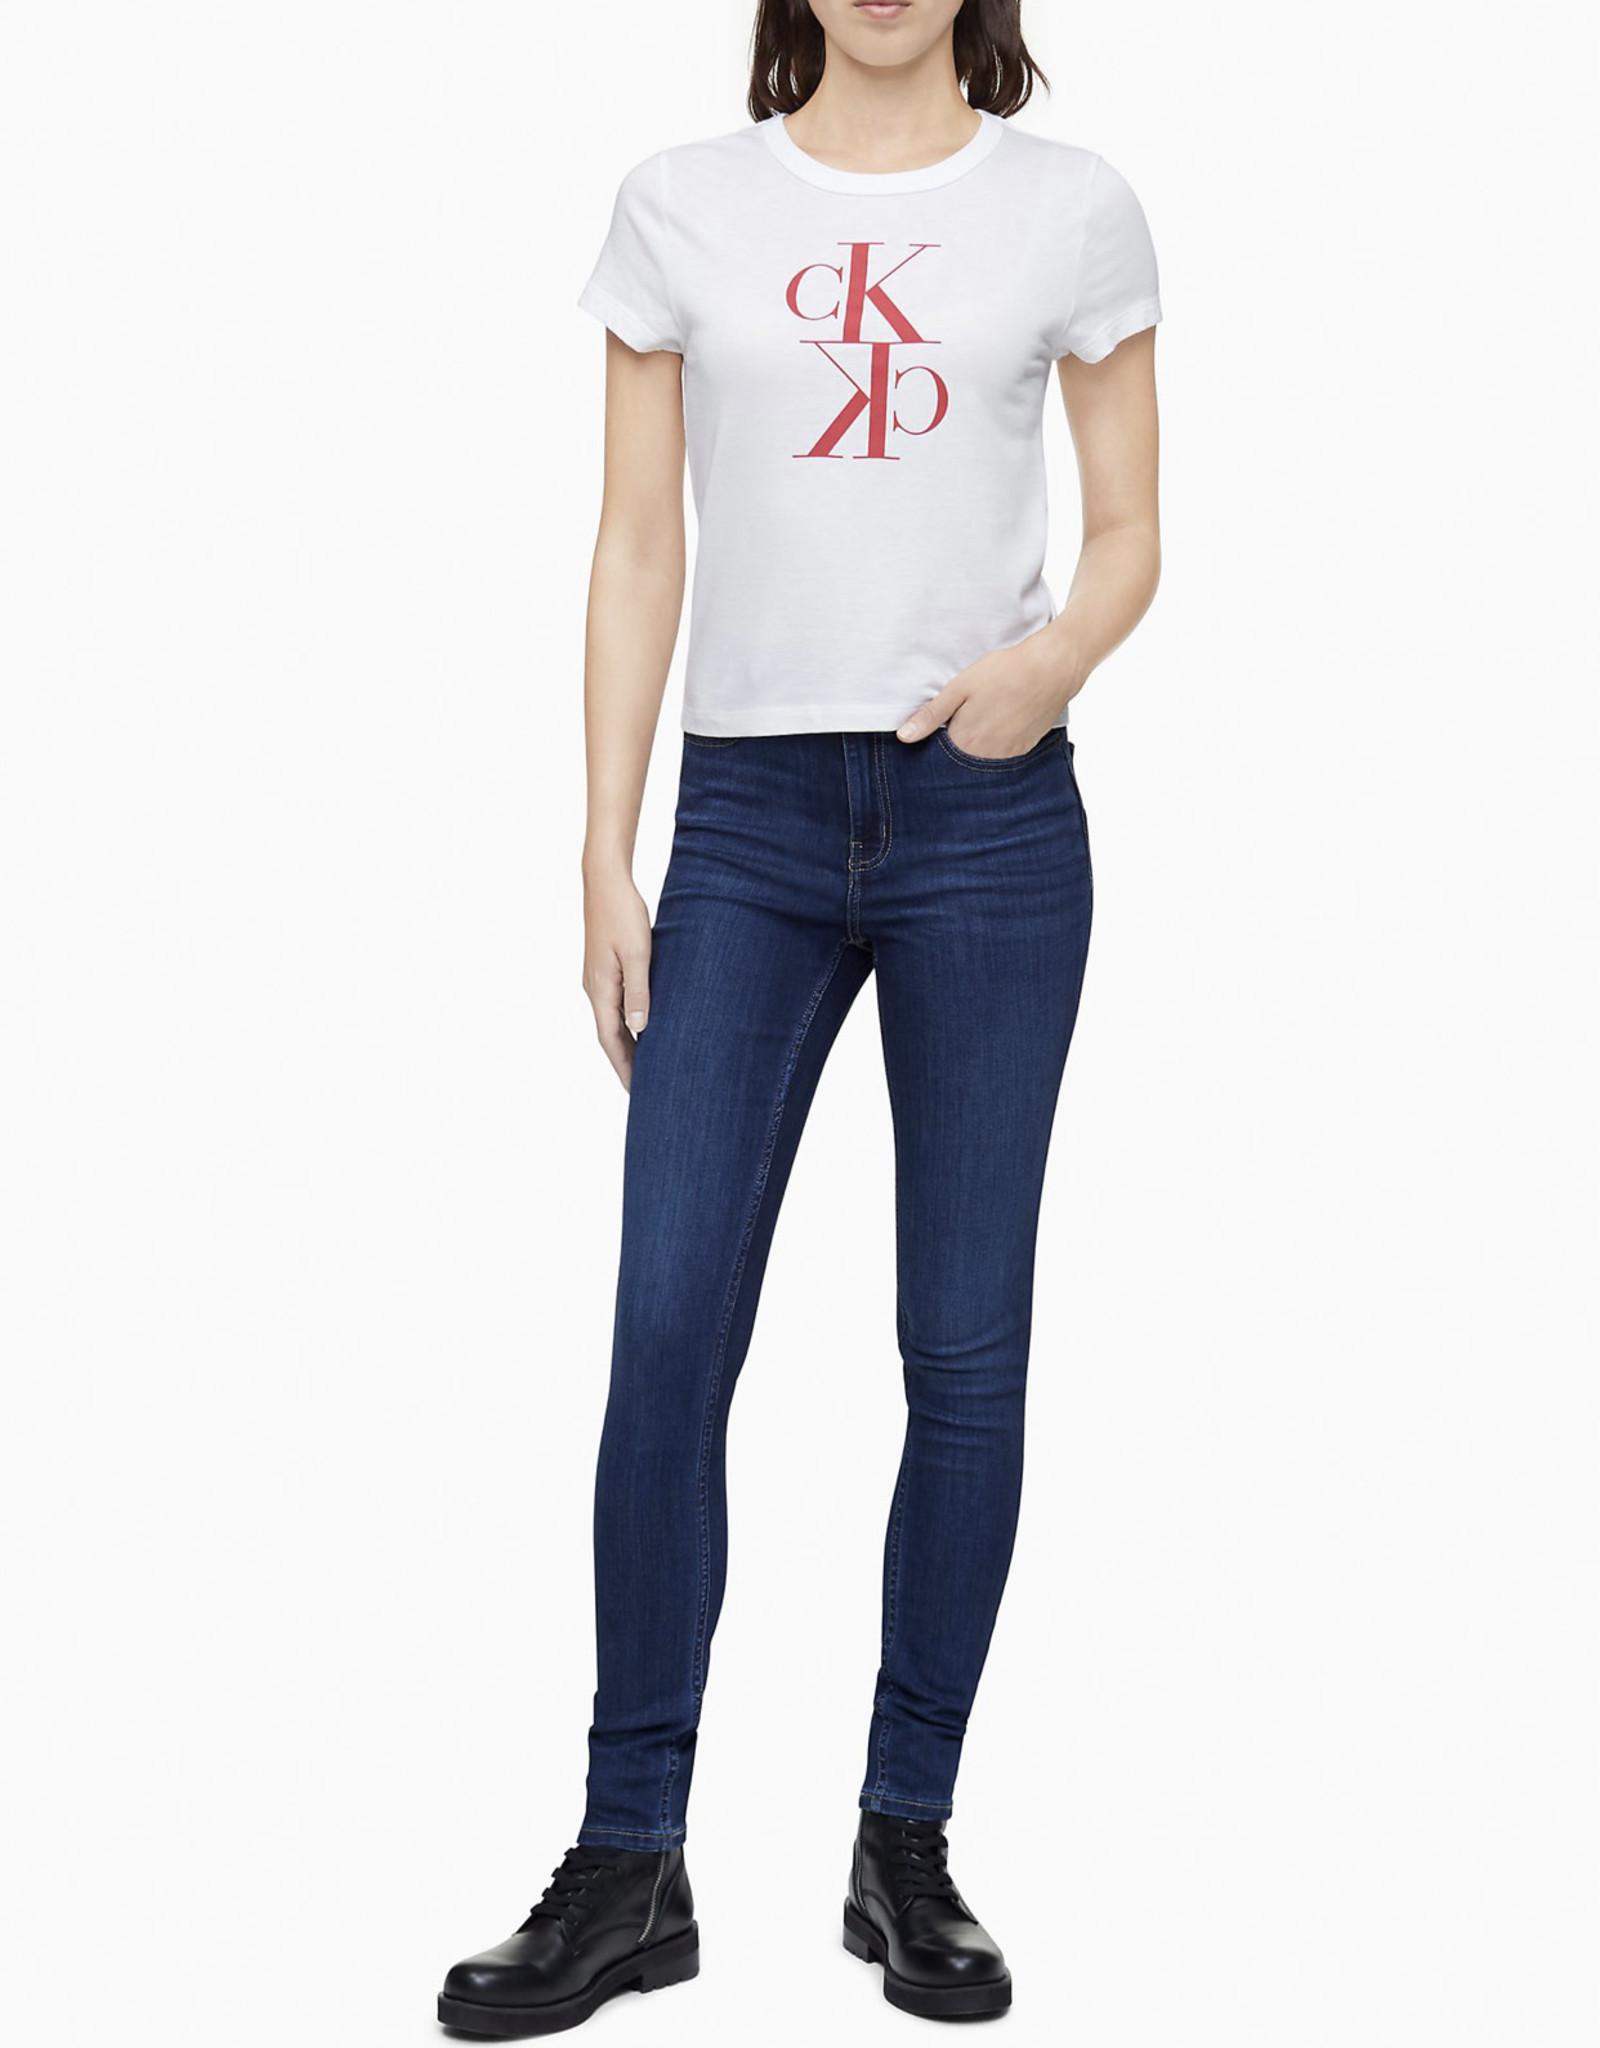 Calvin Klein Calvin Klein Tee Crewneck Mirror Monogram Logo